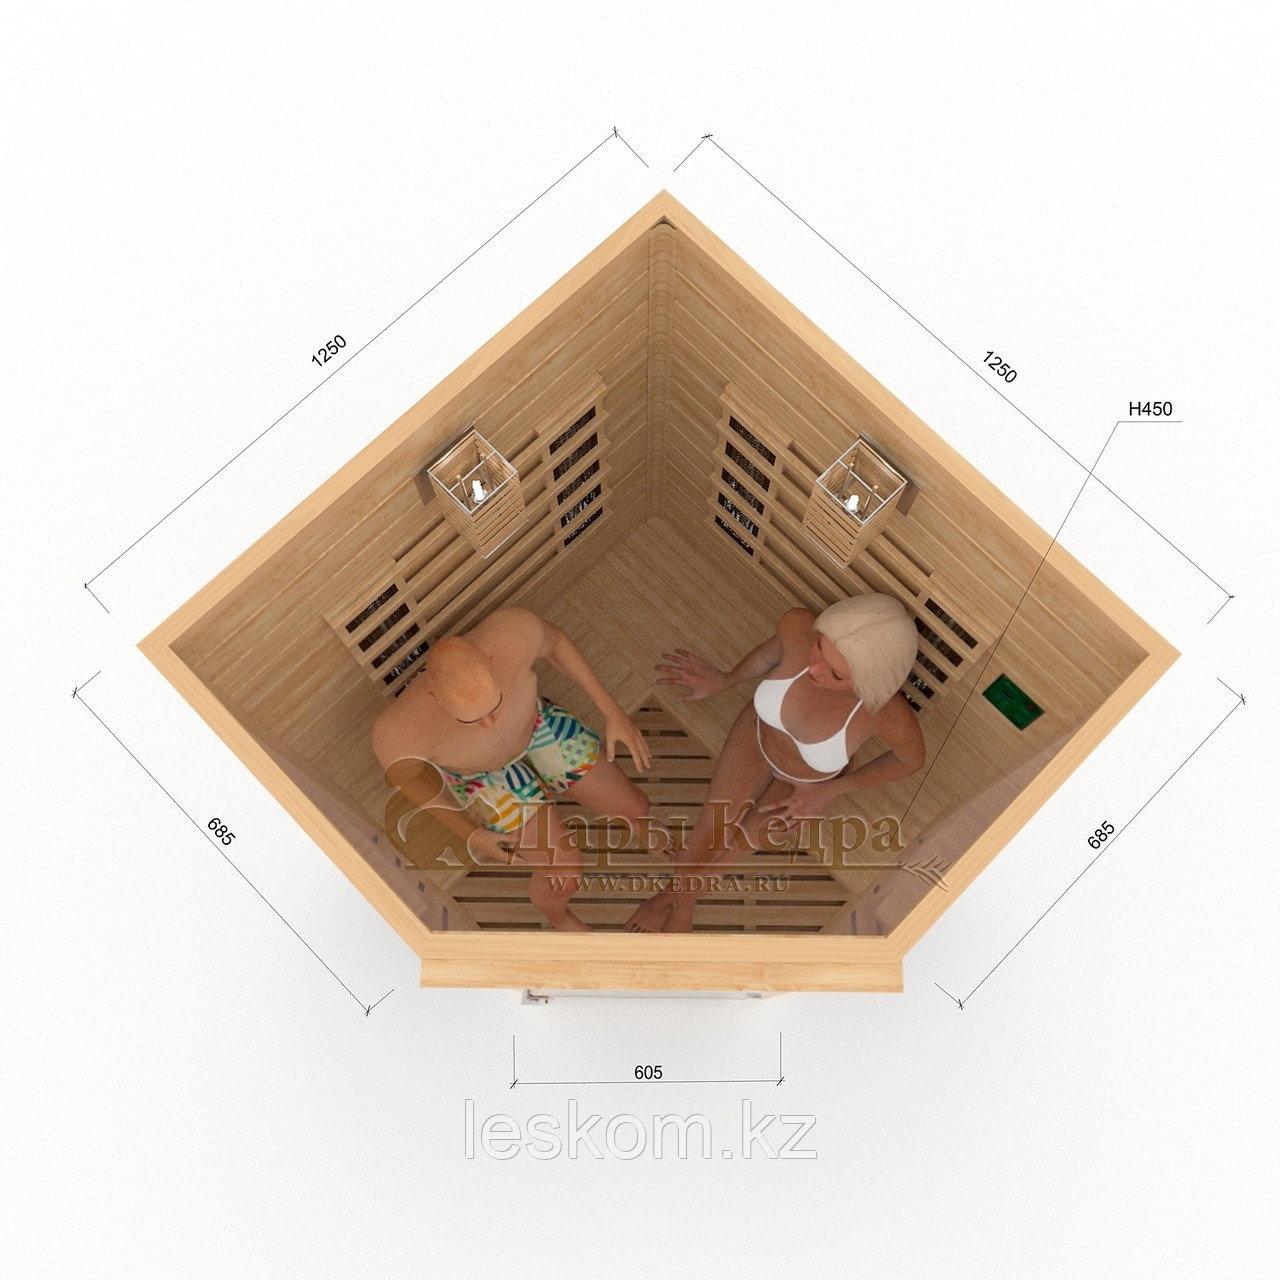 Инфракрасная сауна двухместная угловая с керамическими излучателями. Размеры: 1250х1250х2000 мм